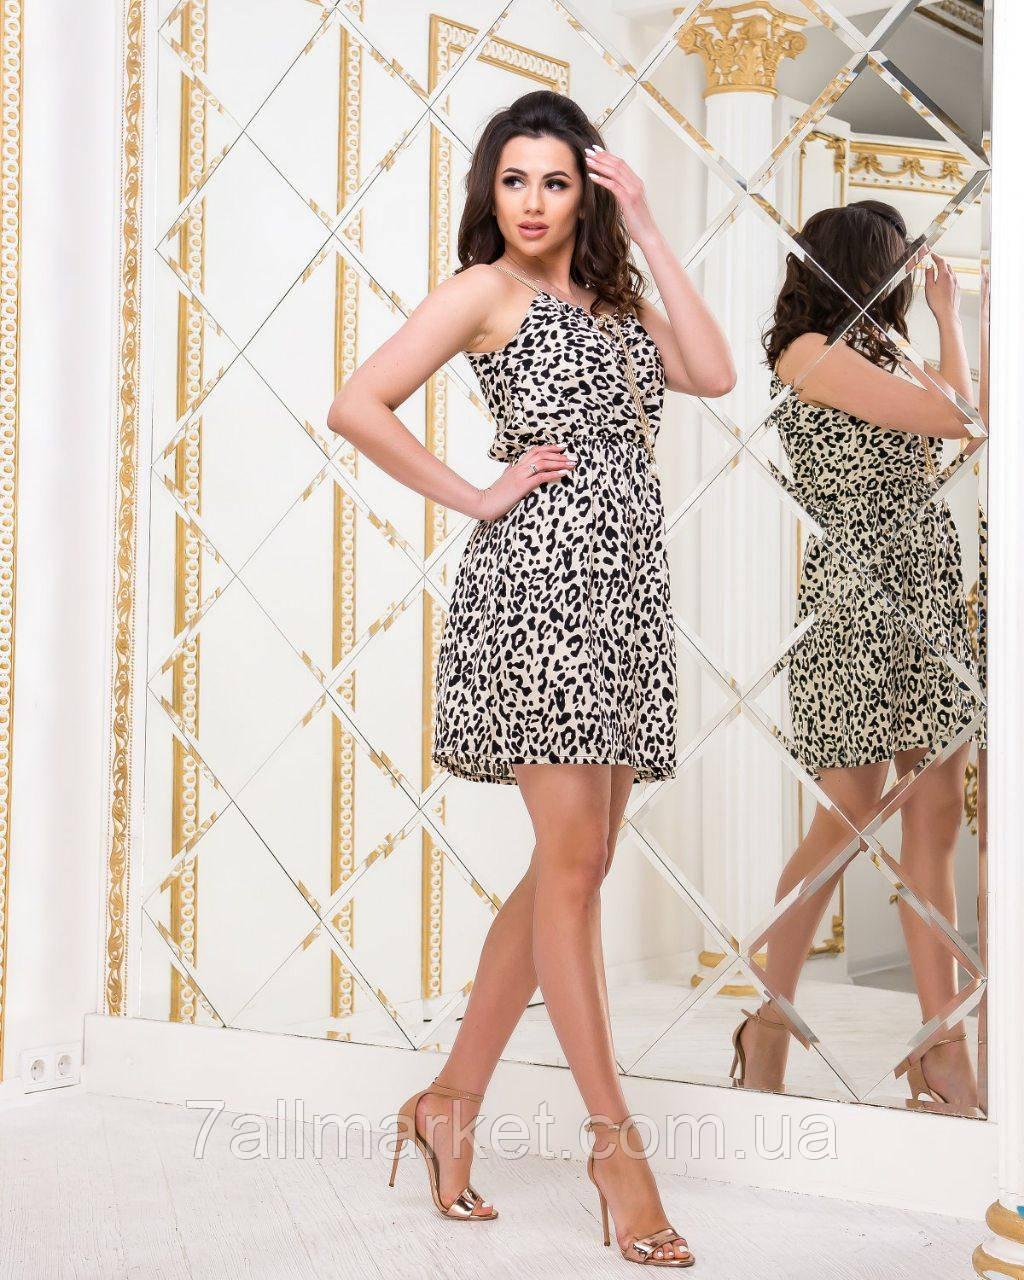 6cf03bafd6f ... Сарафан женский летний с леопардовым принтом